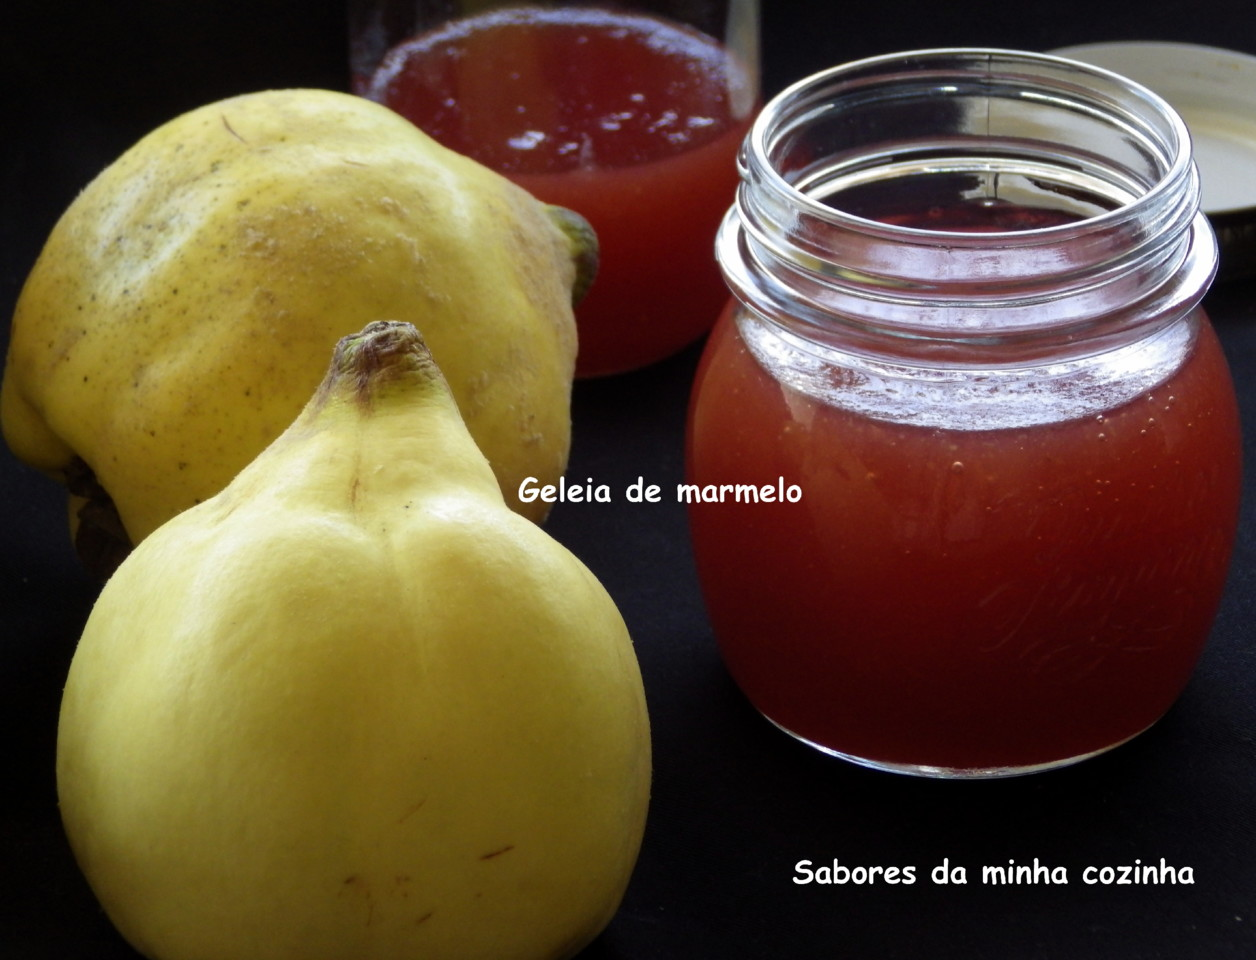 IMGP8230-Geleia de marmelo-Blog.JPG